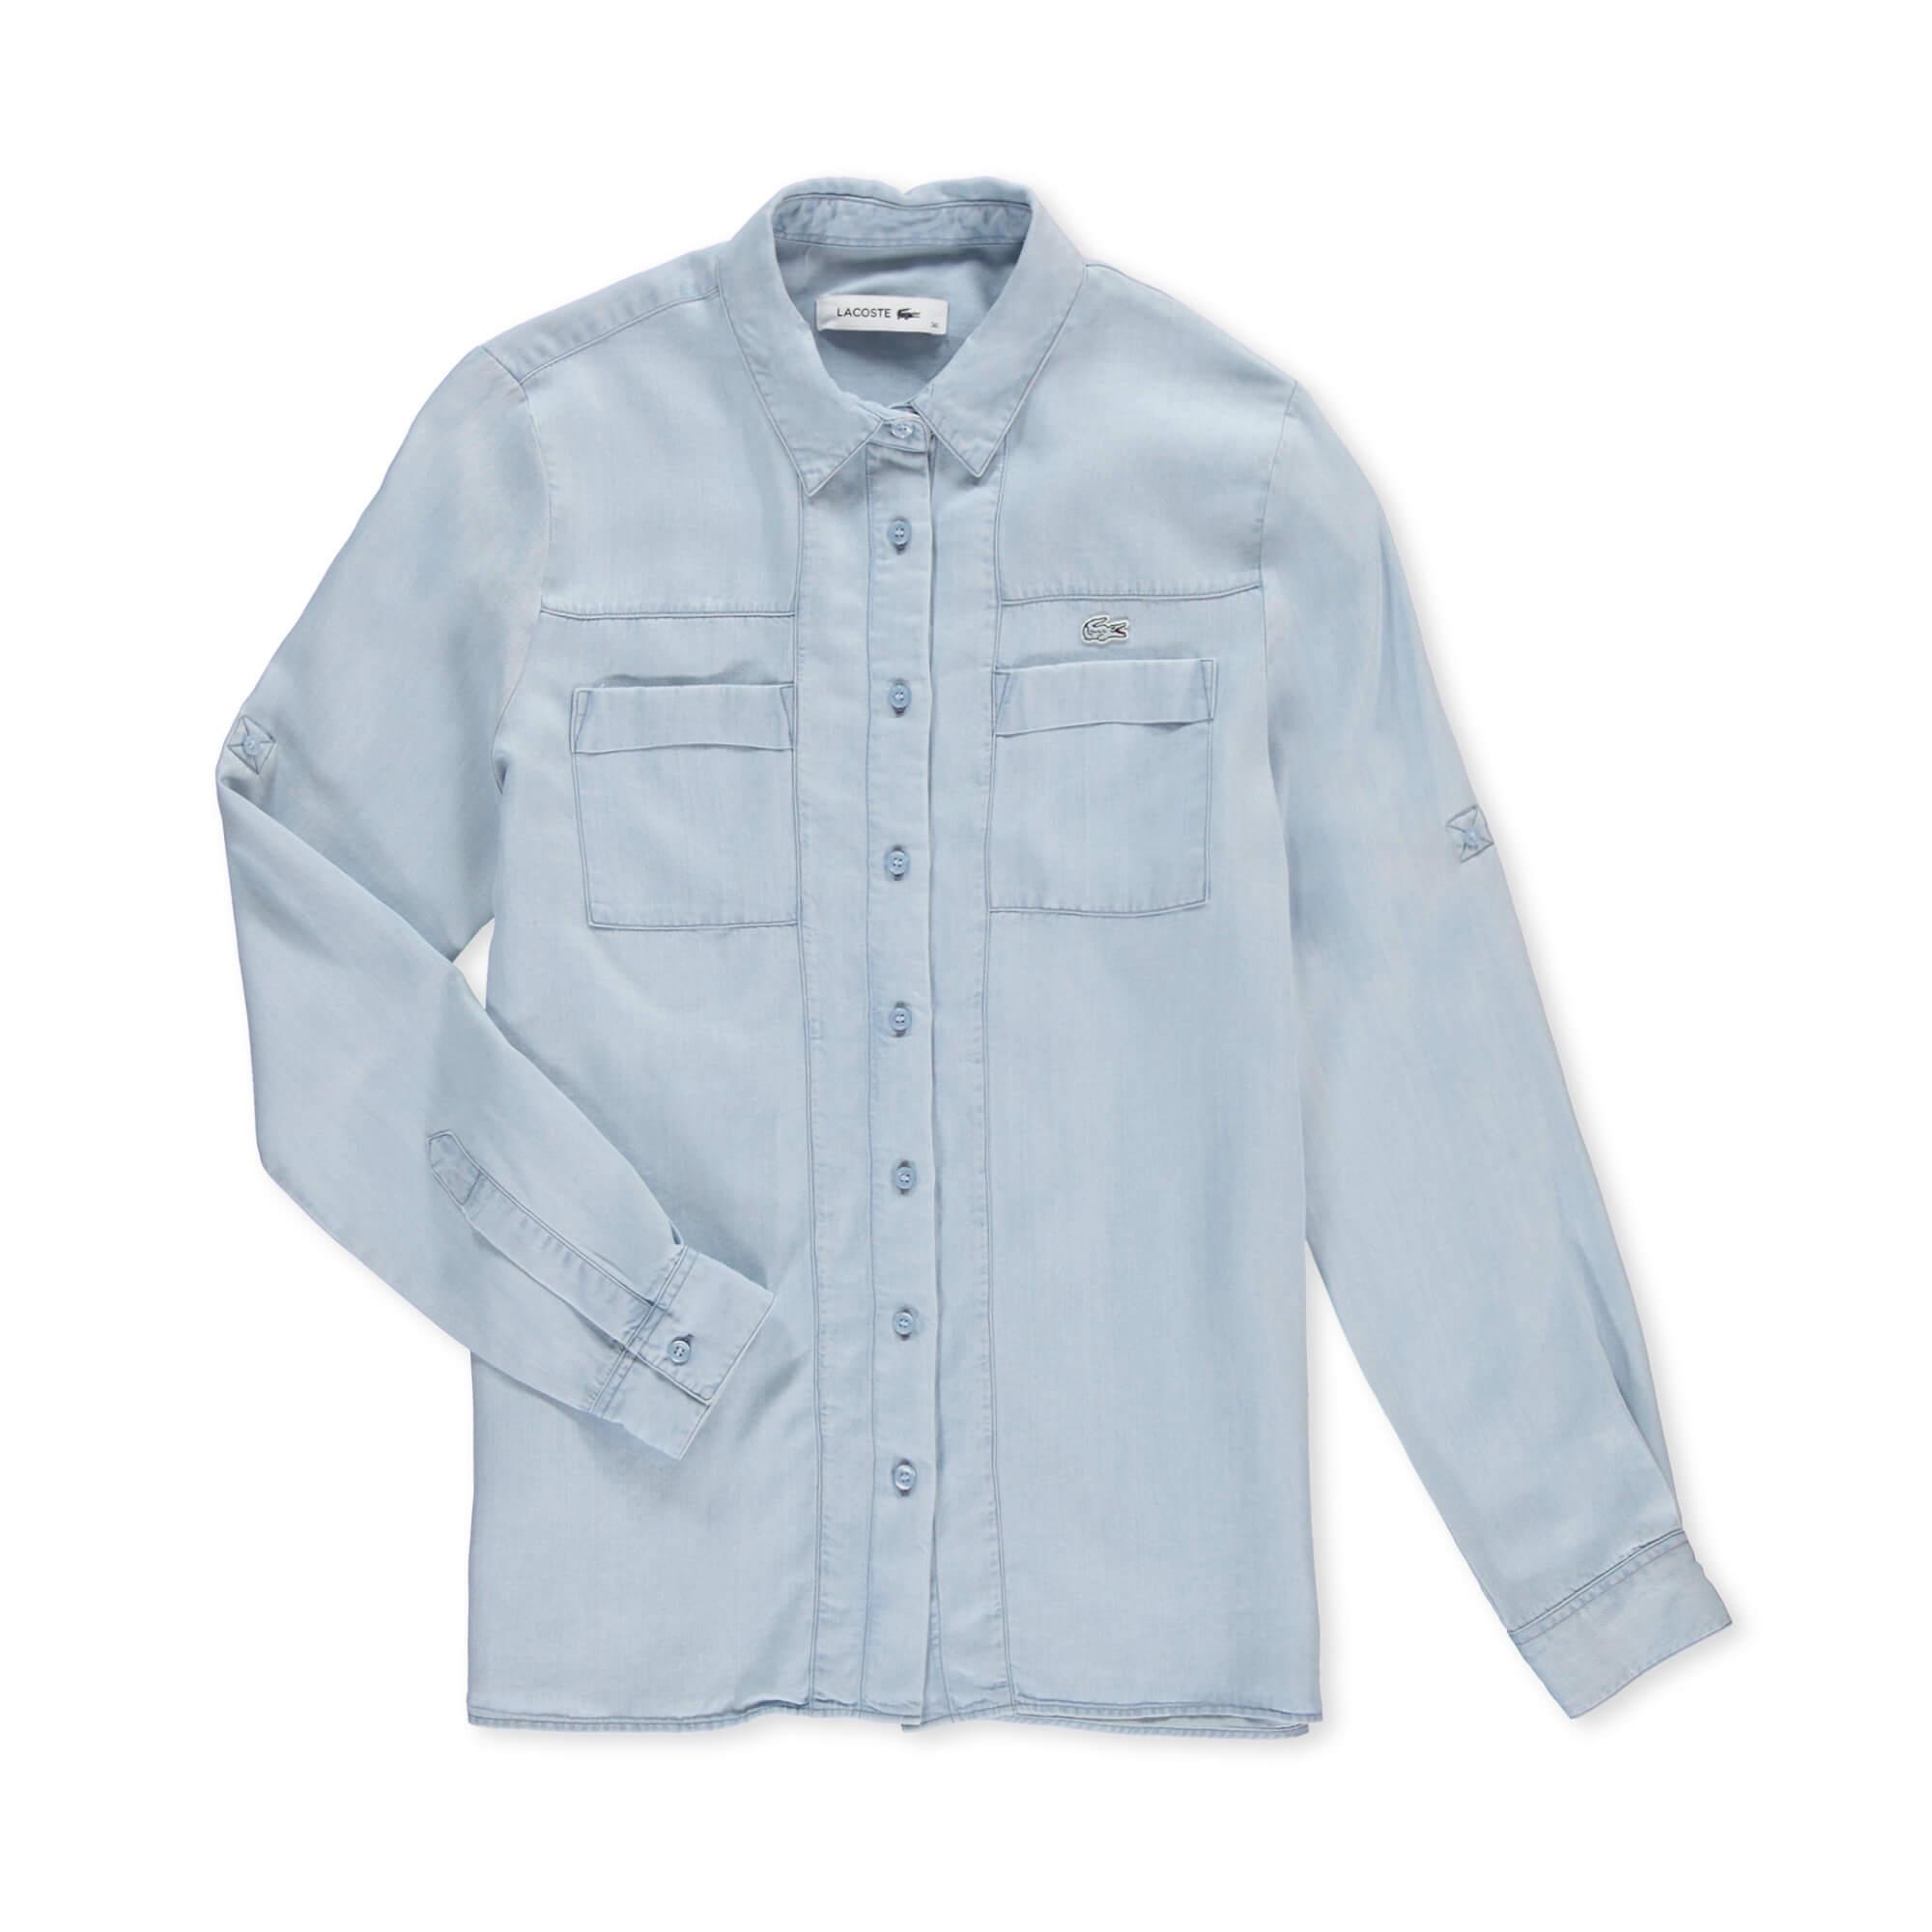 Lacoste Kadın Mavi Gömlek